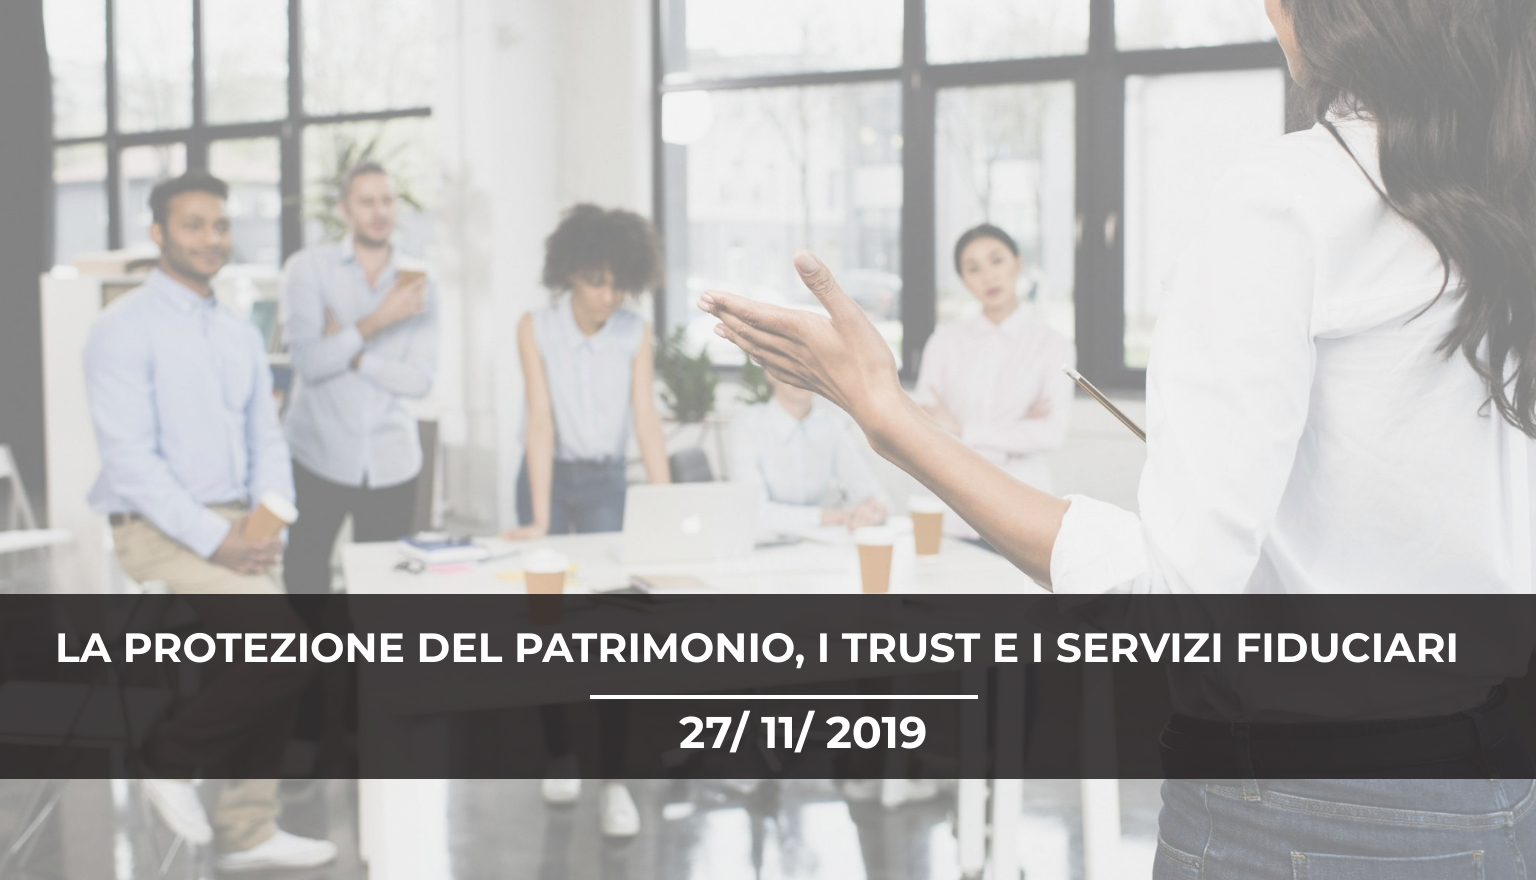 convegno-formativo-padova-la-protezione-del-patrimonio-i-trust-e-i-servizi-fiduciari